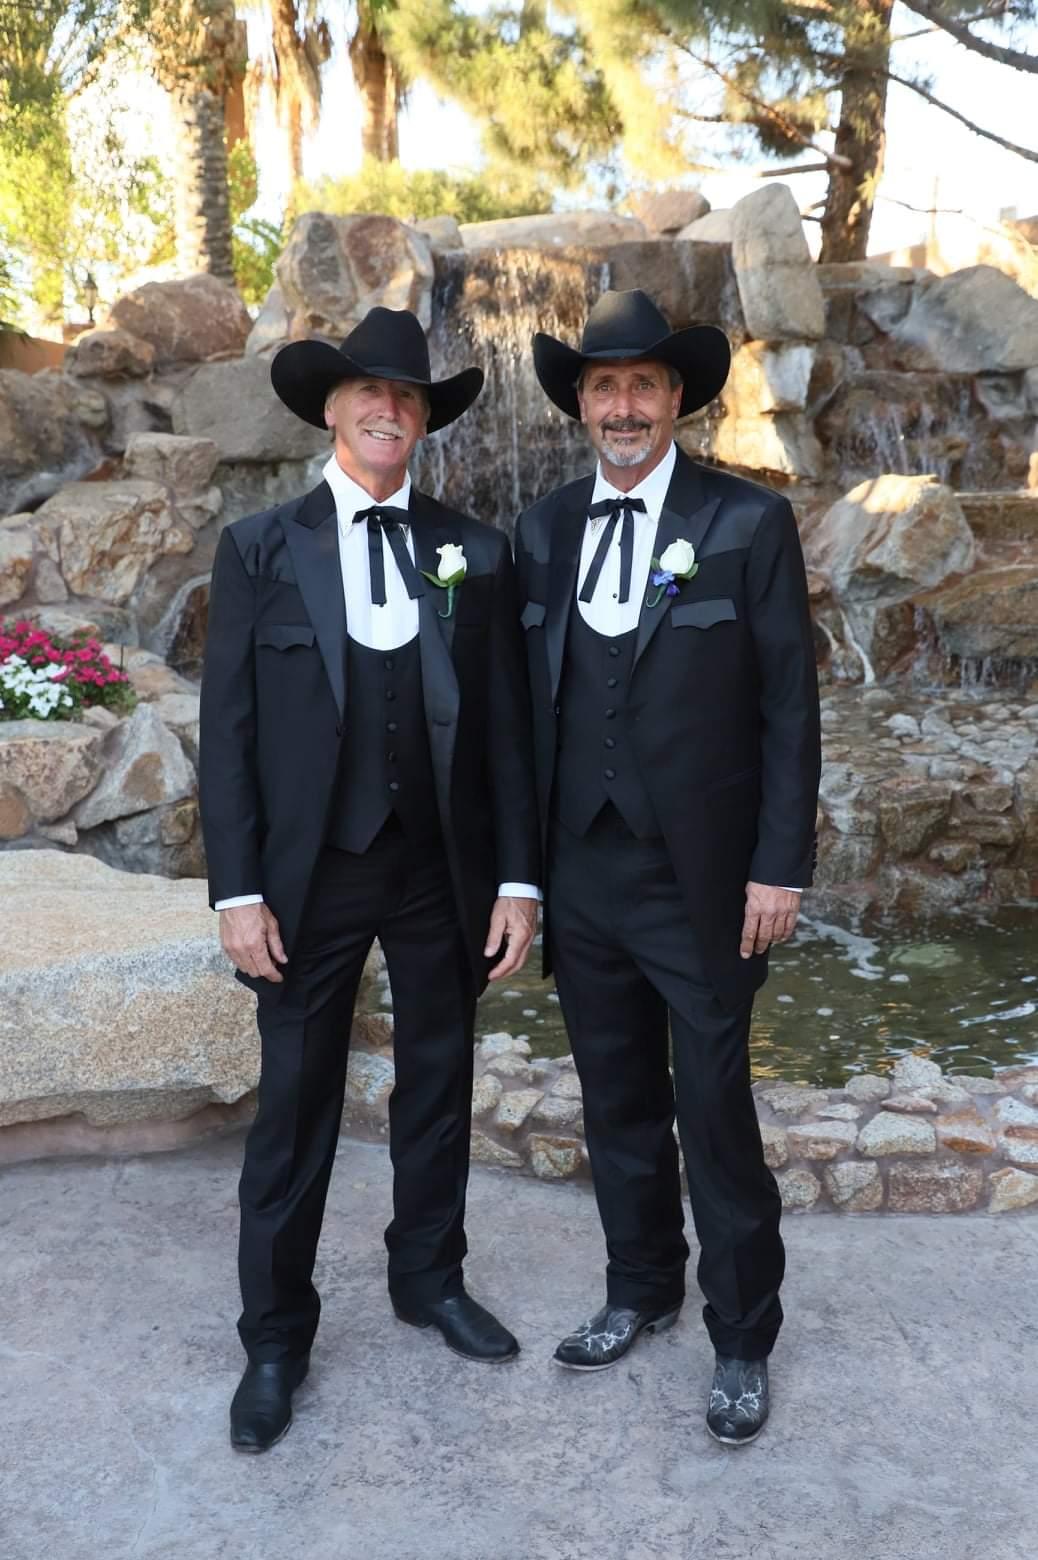 Western Tuxedos